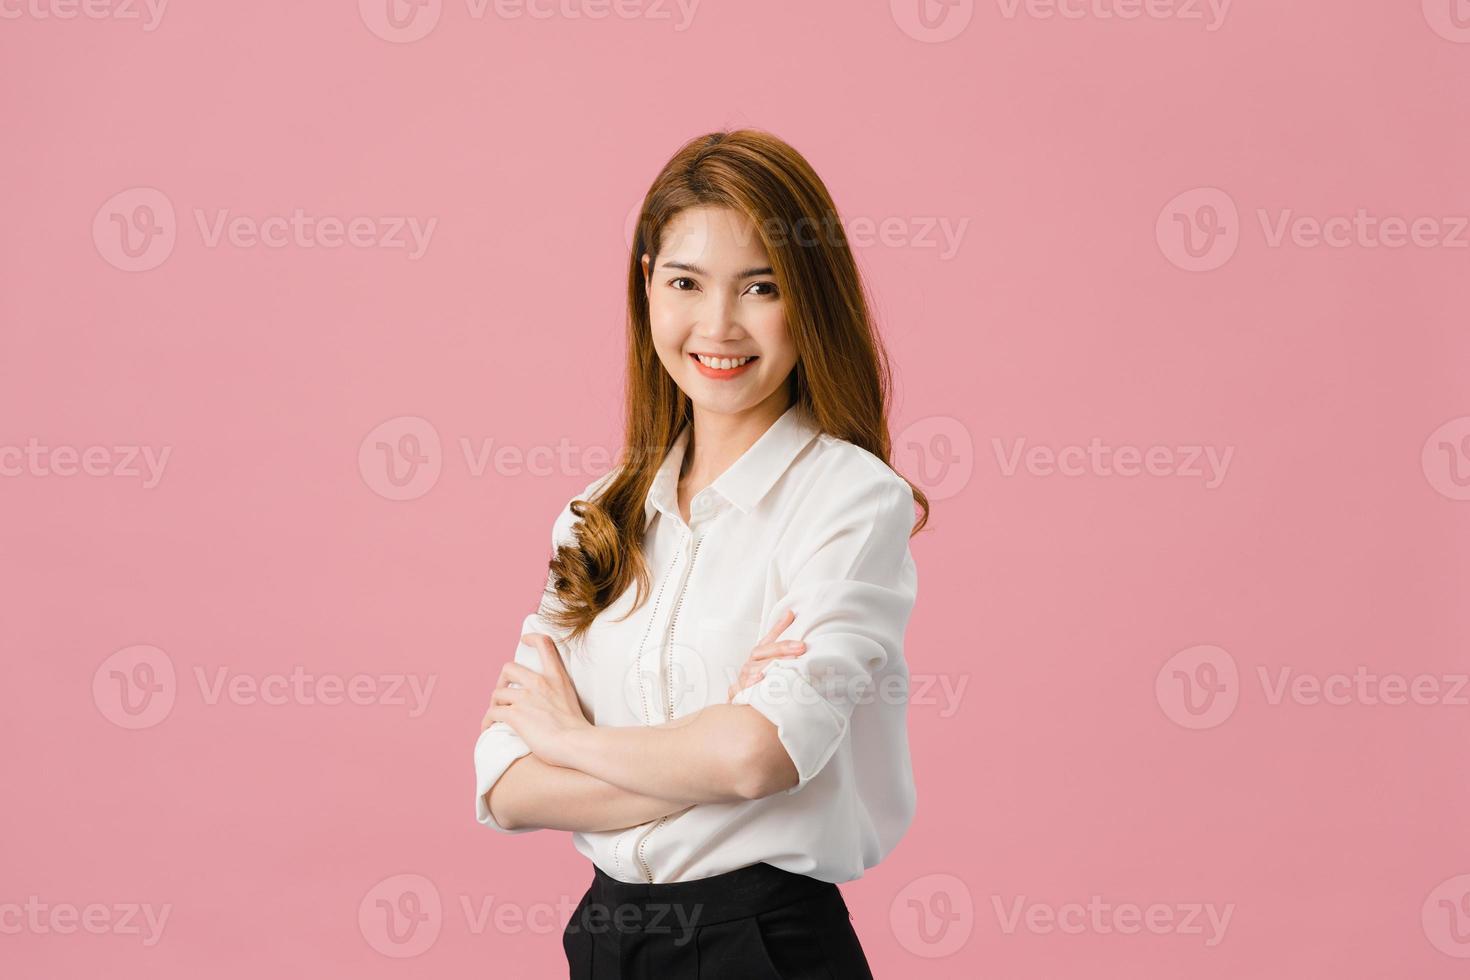 portret van jonge Aziatische dame met positieve uitdrukking, armen gekruist, breed glimlachen, gekleed in casual kleding en camera kijken over roze achtergrond. gelukkige schattige blije vrouw verheugt zich over succes. foto